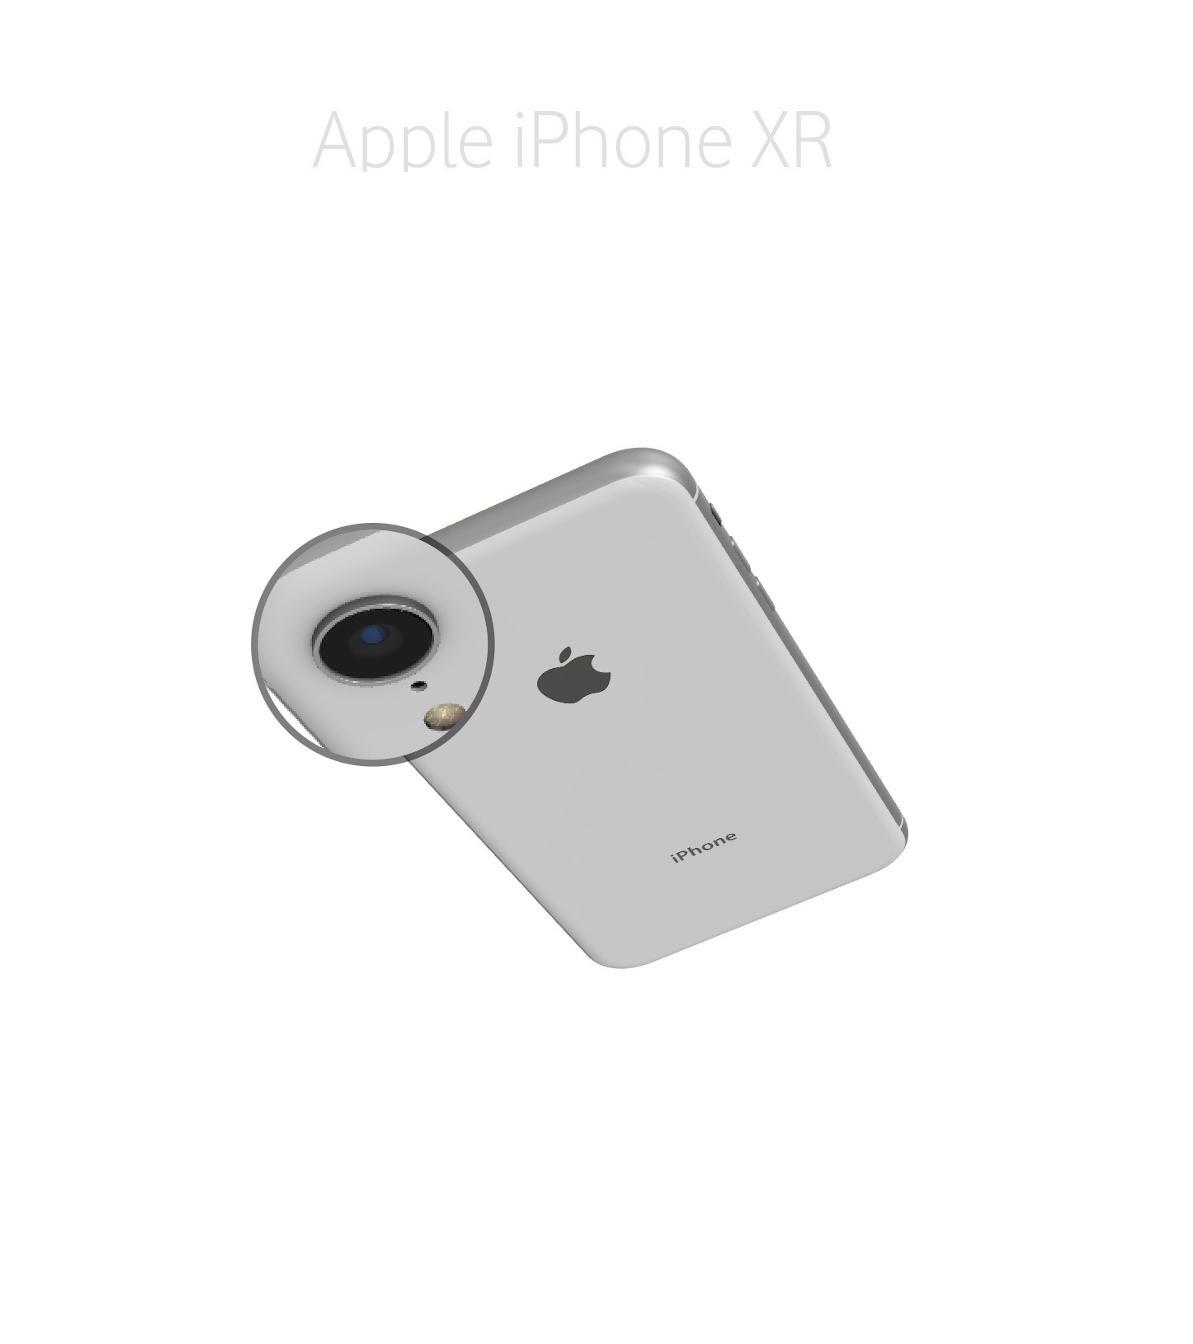 Laga kameralins iPhone XR